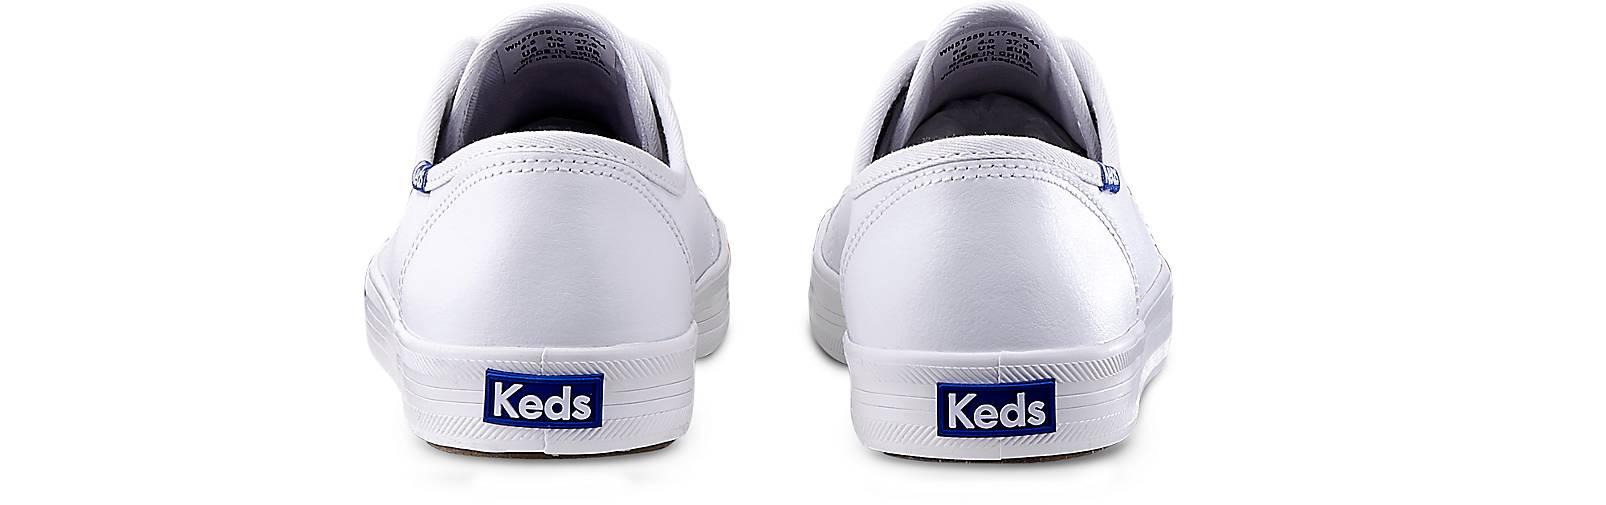 Weiße Damen Sneaker | Jetzt bei SportScheck kaufen